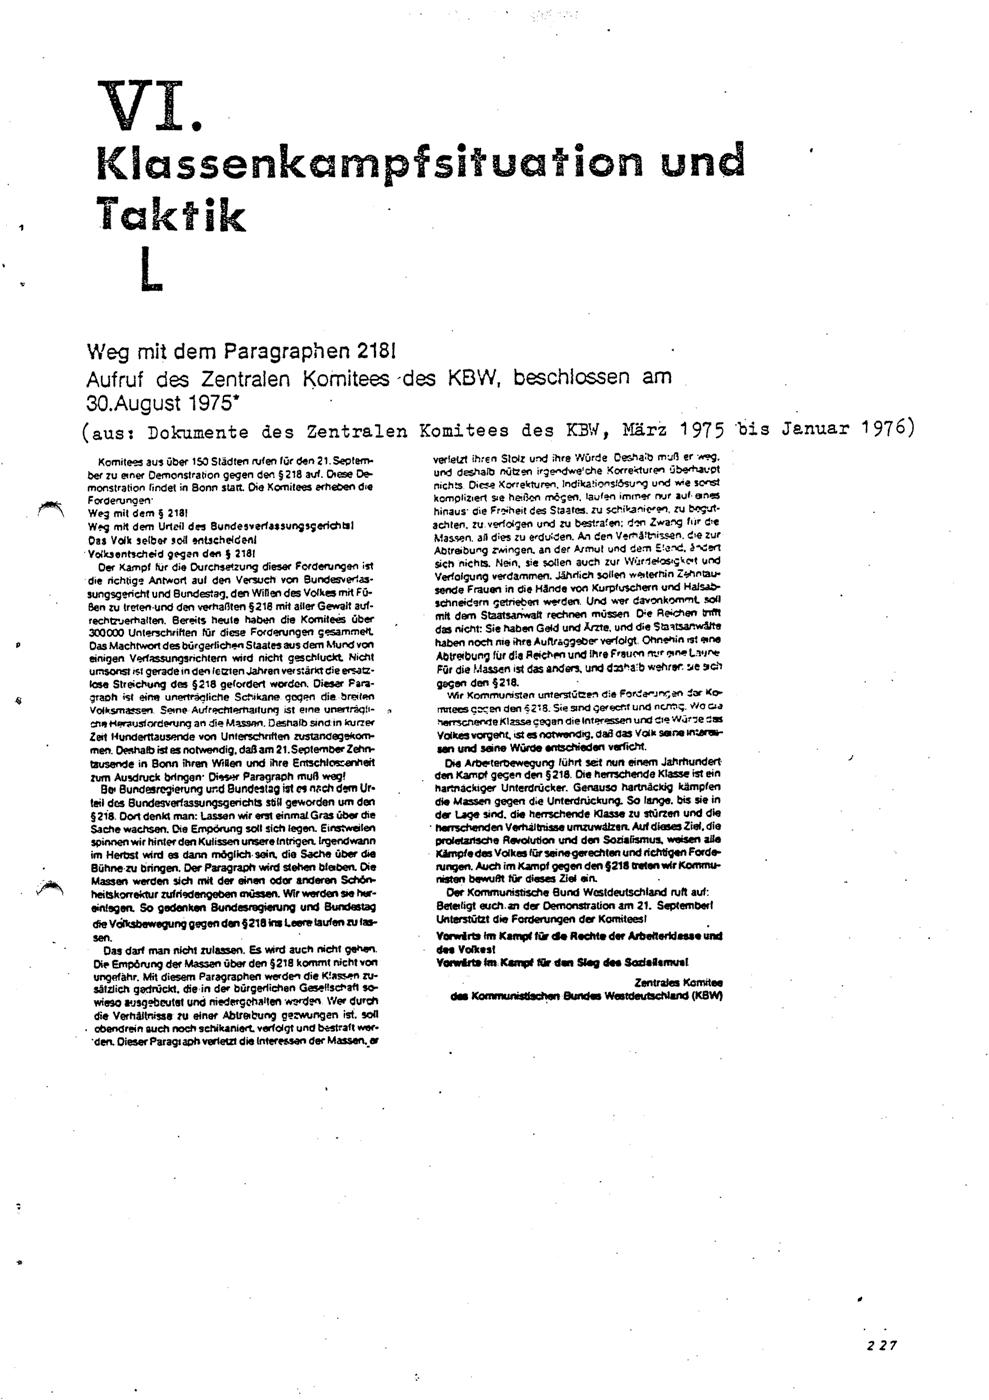 KABRW_Arbeitshefte_1978_31_107